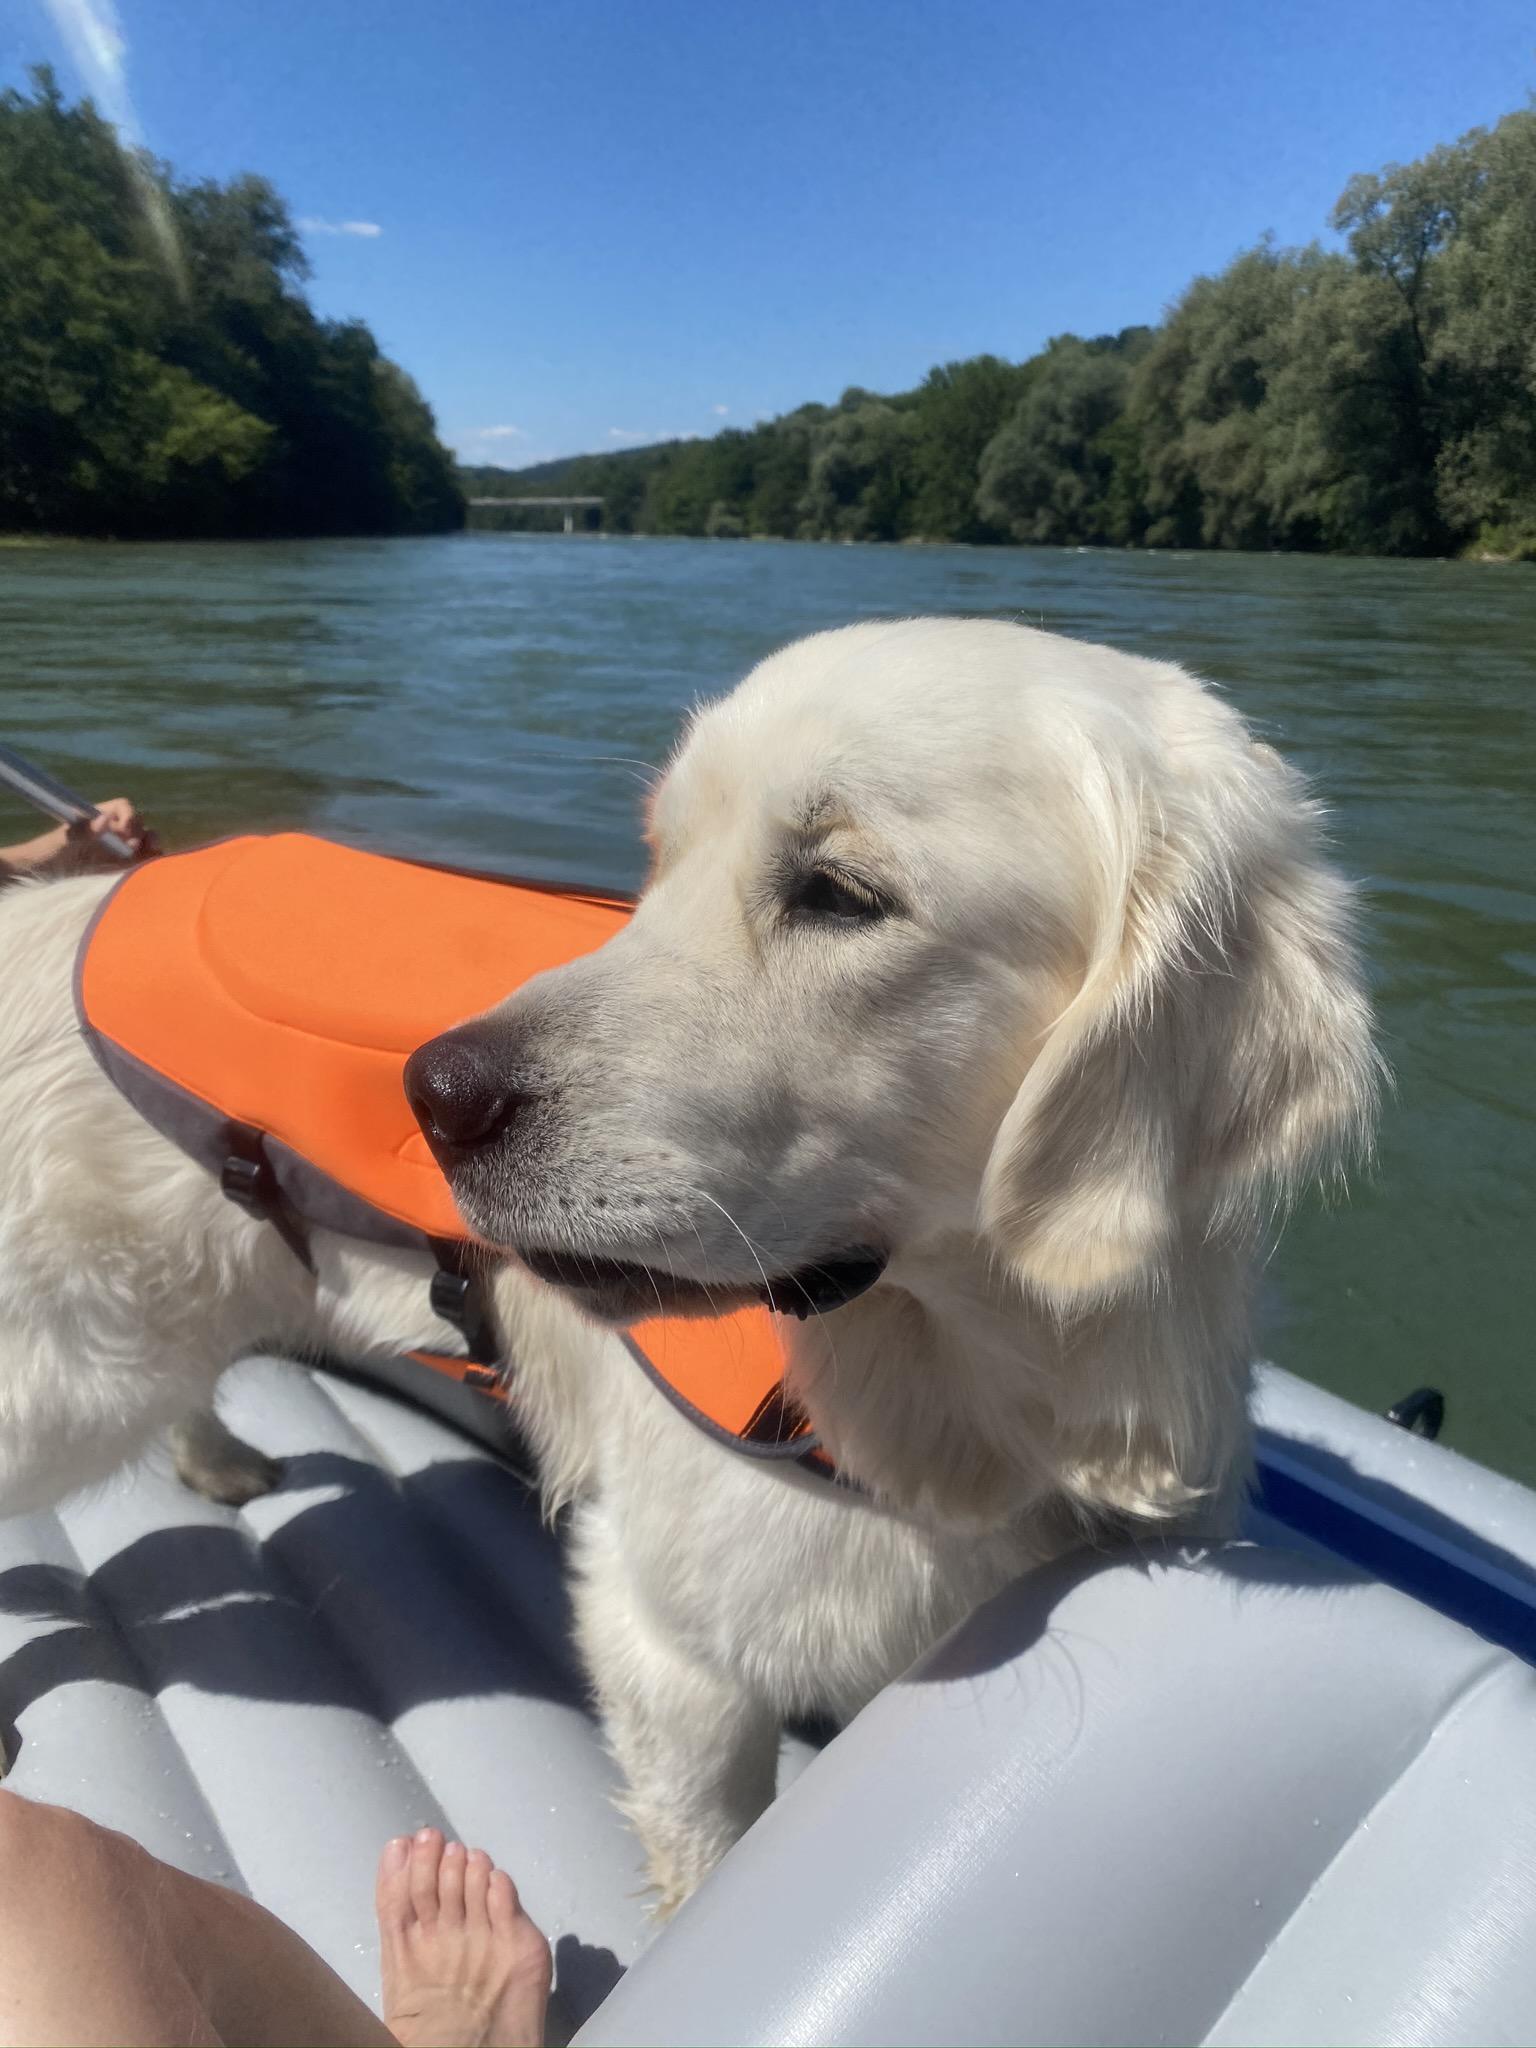 Wir haben ein neues Schlauchboot - supercool! Nun kann ich mich sogar quer reinlegen und habe Platz!!!